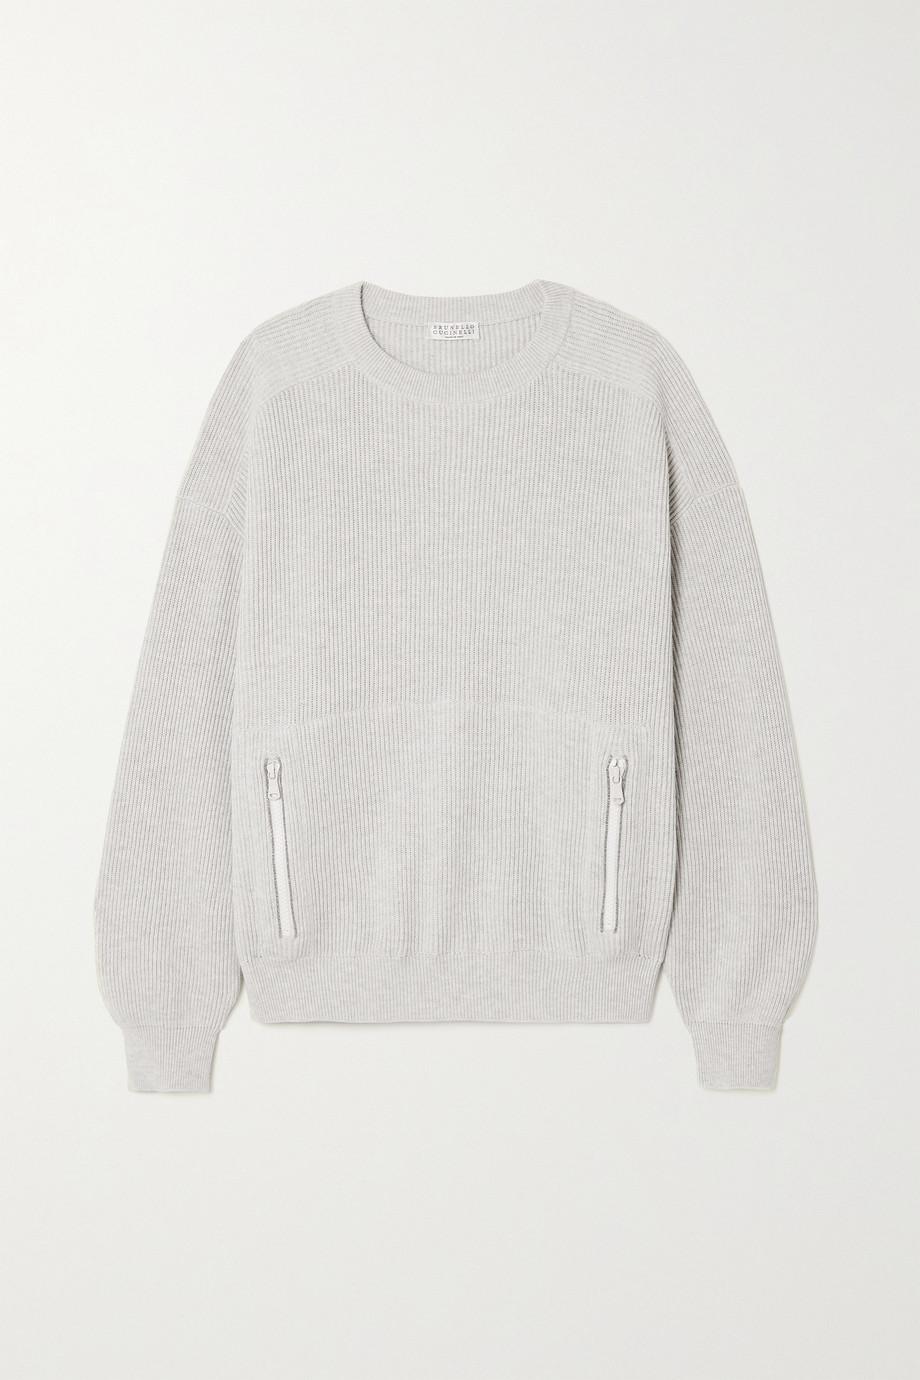 Brunello Cucinelli Ribbed cotton sweater